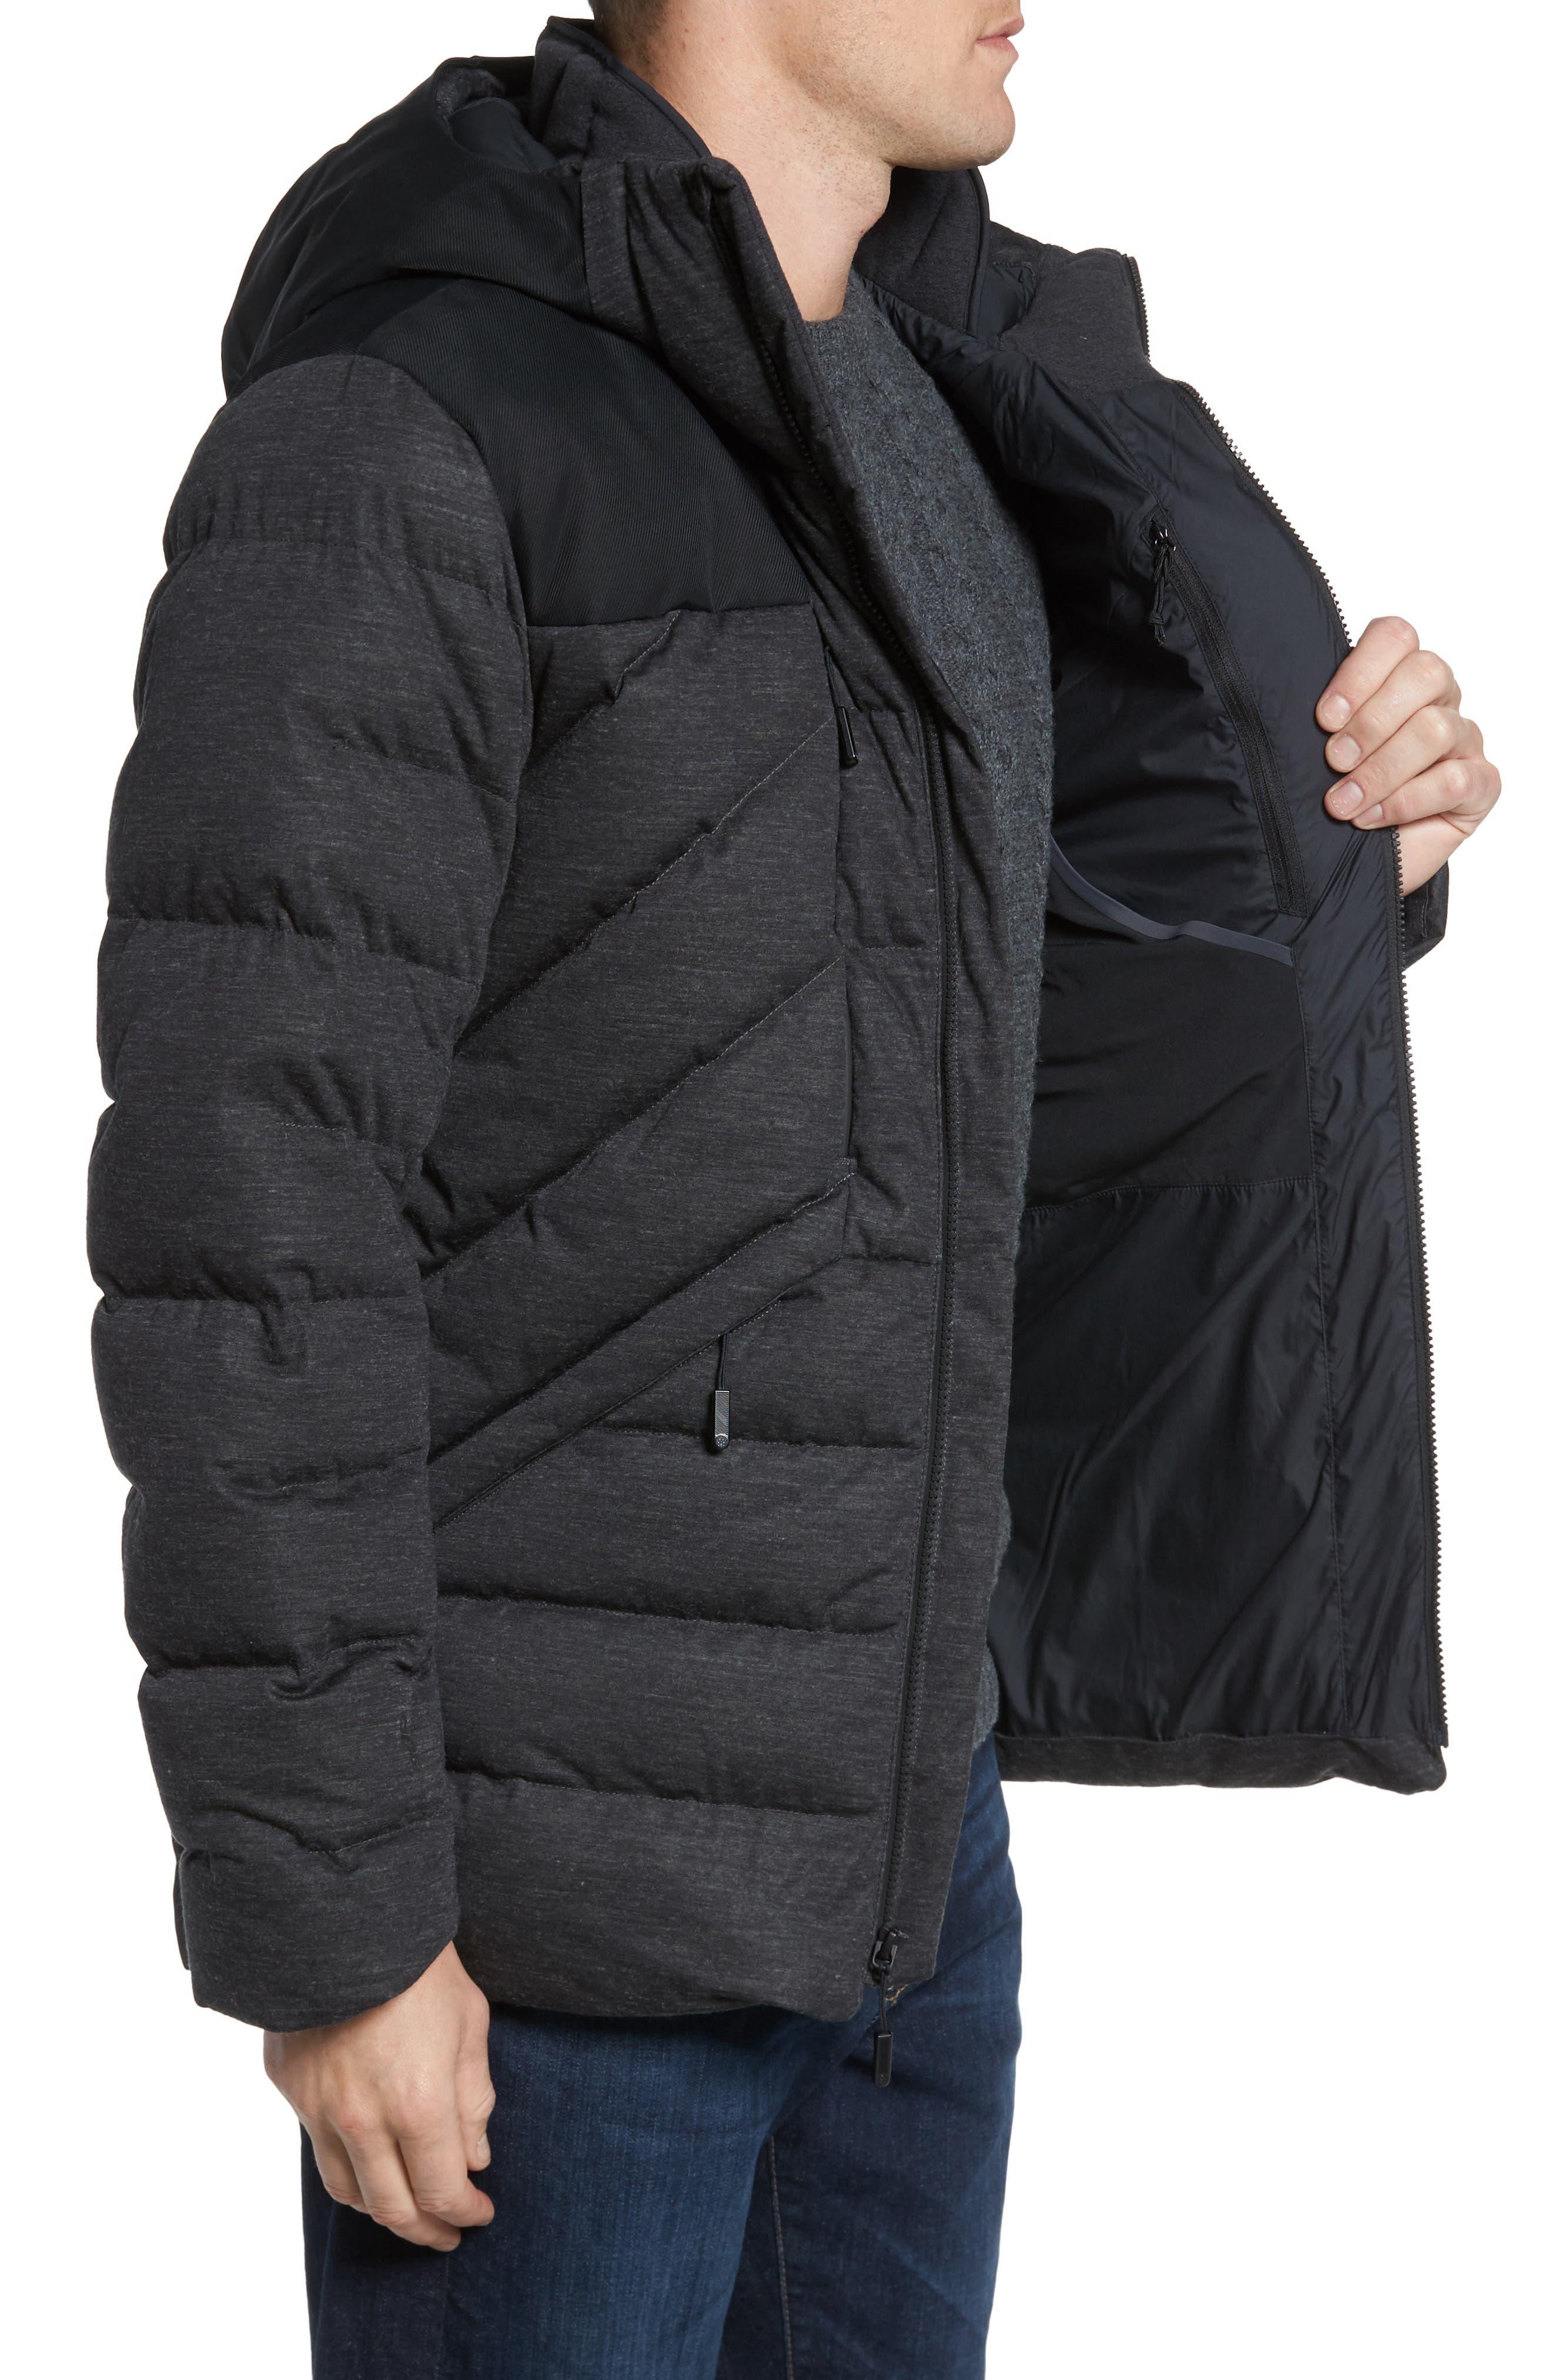 Cryos Waterproof Down Jacket,                             Alternate thumbnail 3, color,                             Dark Grey Heather